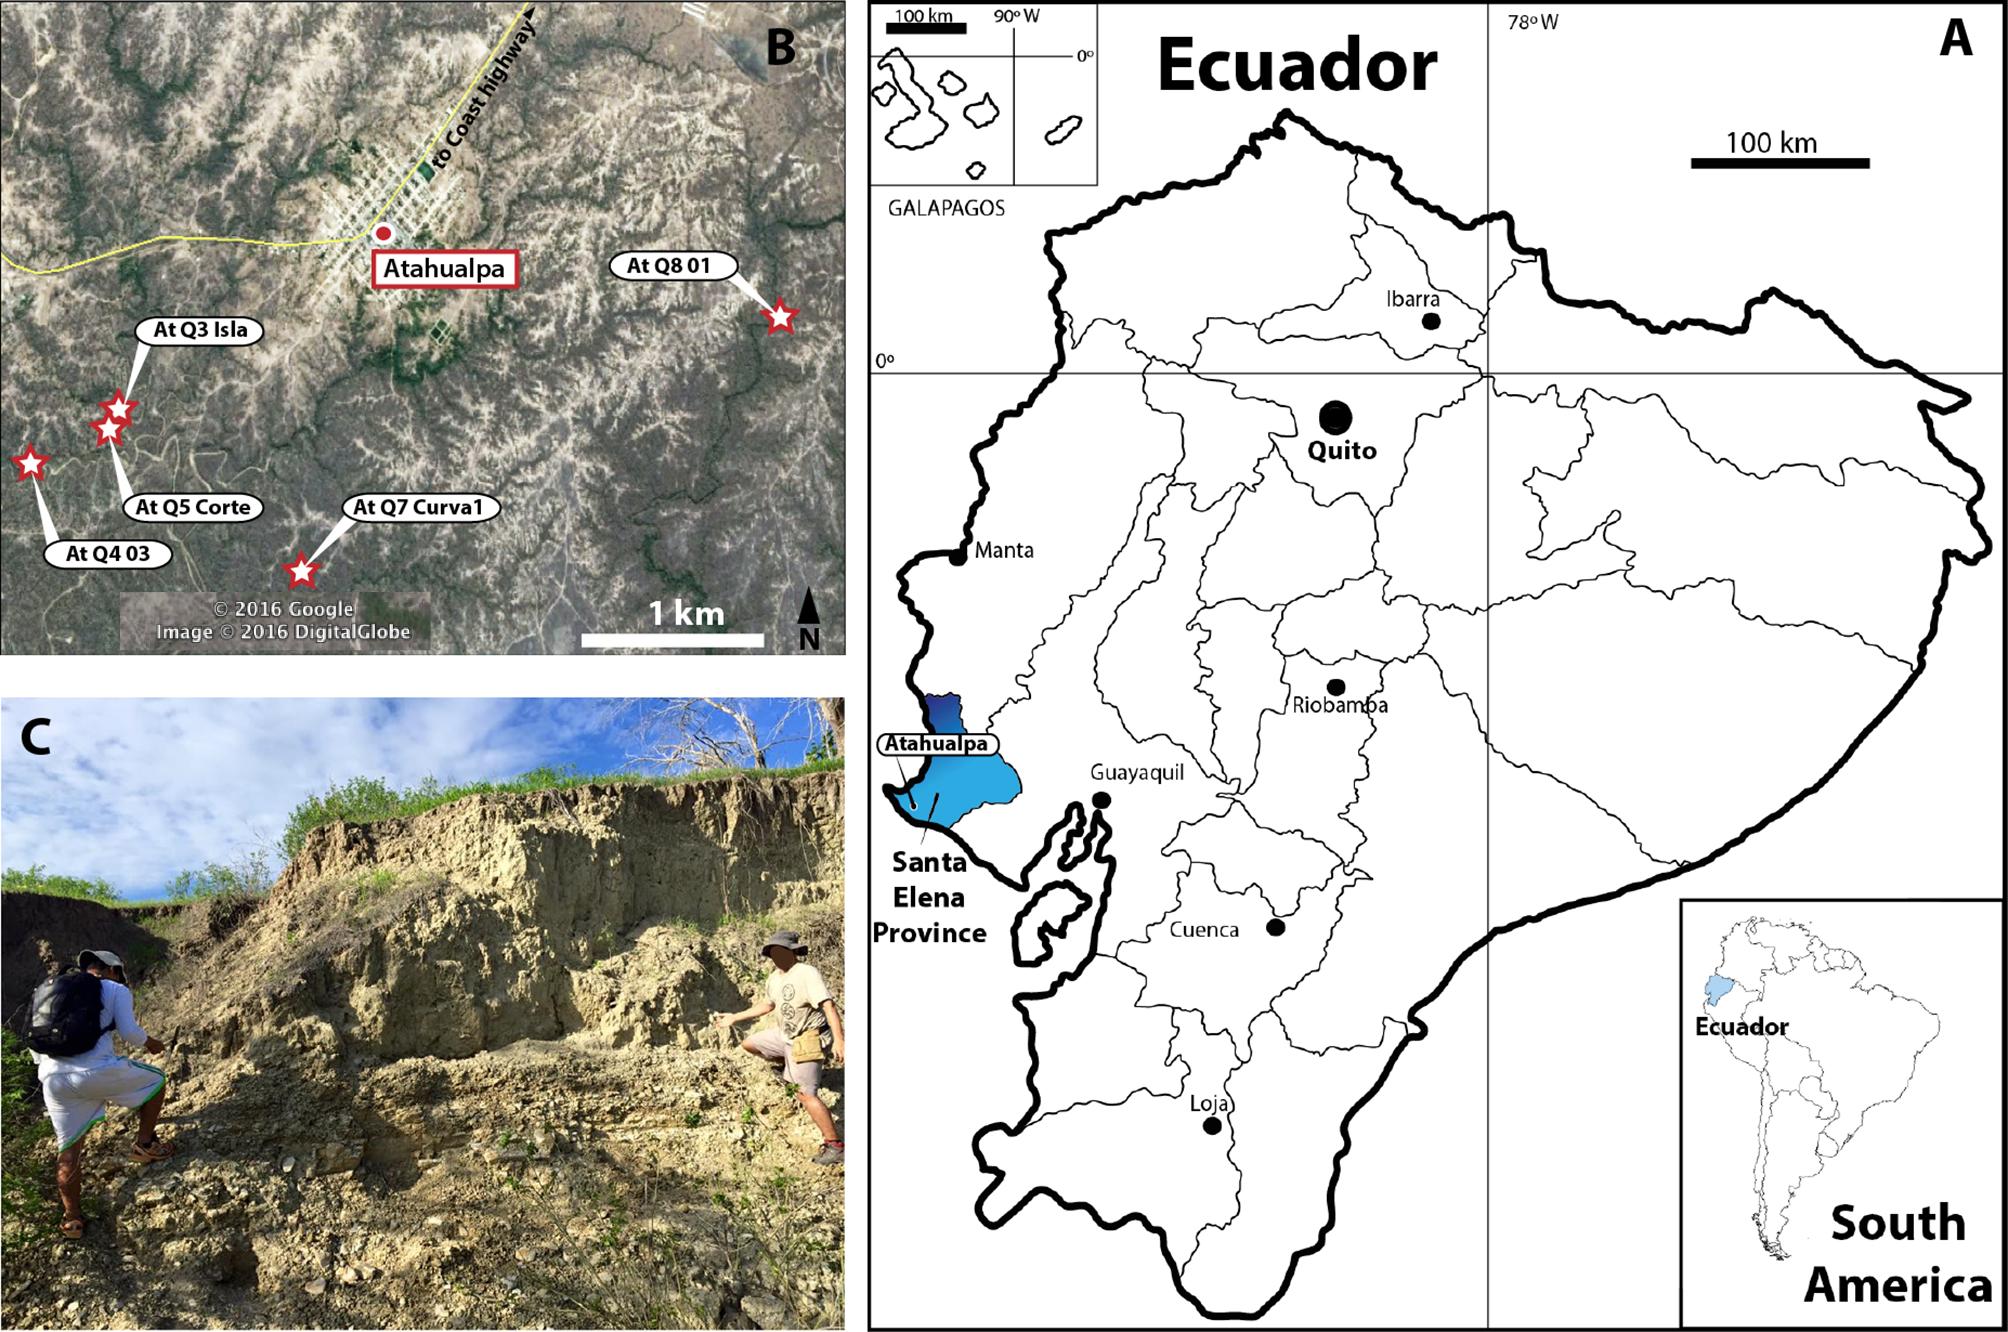 New Findings Of Pleistocene Fossil Turtles Geoemydidae - Ecuador provinces map